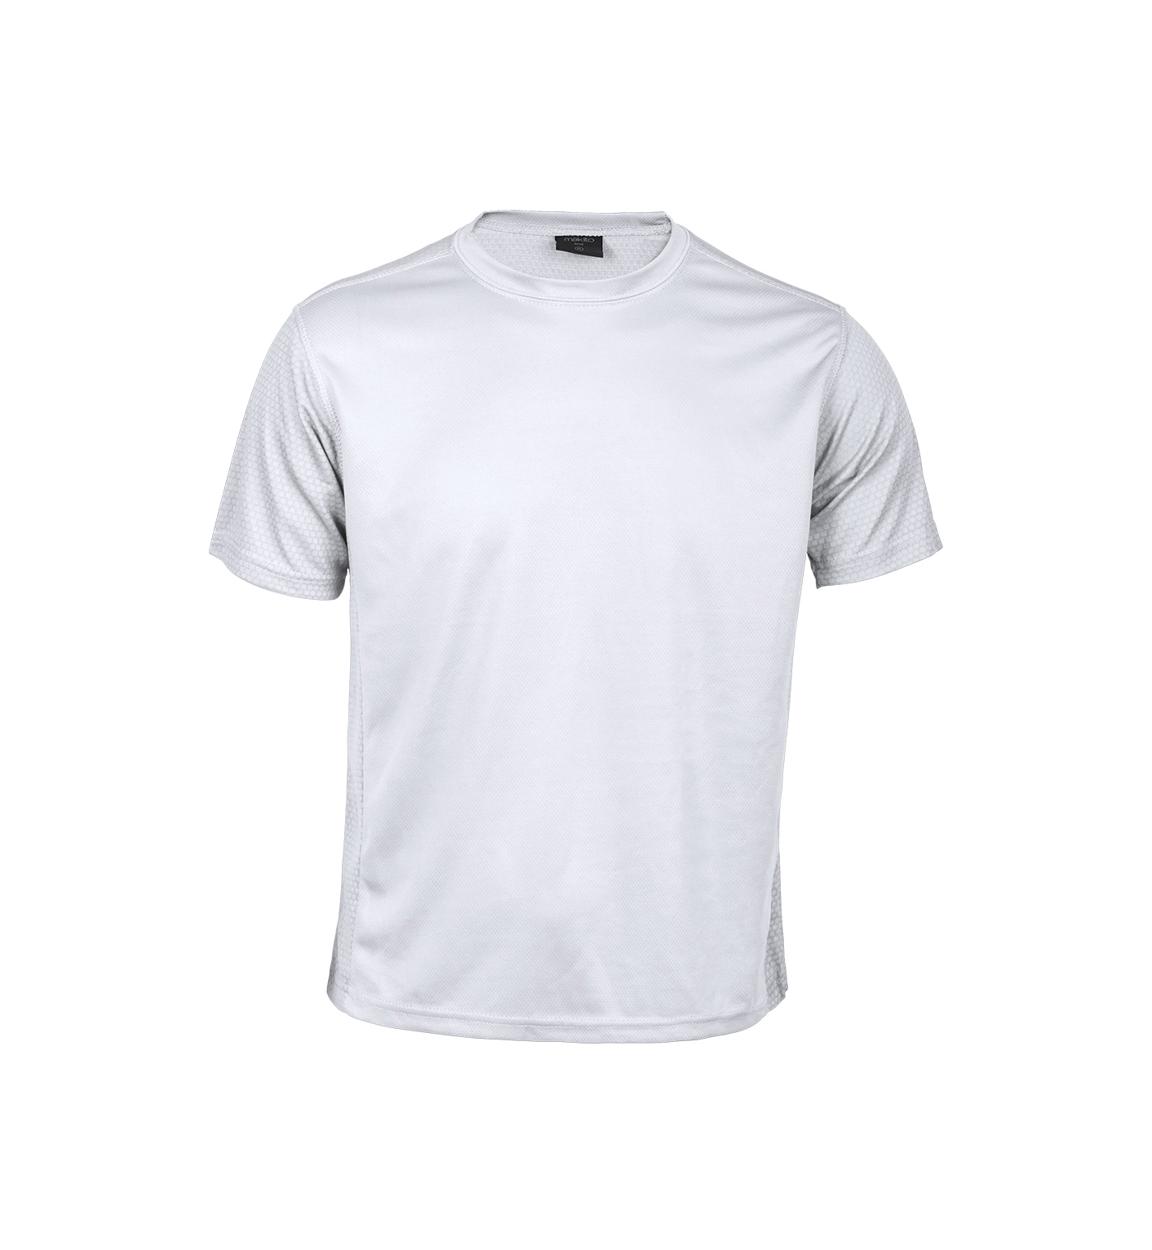 Rox sport T-shirt